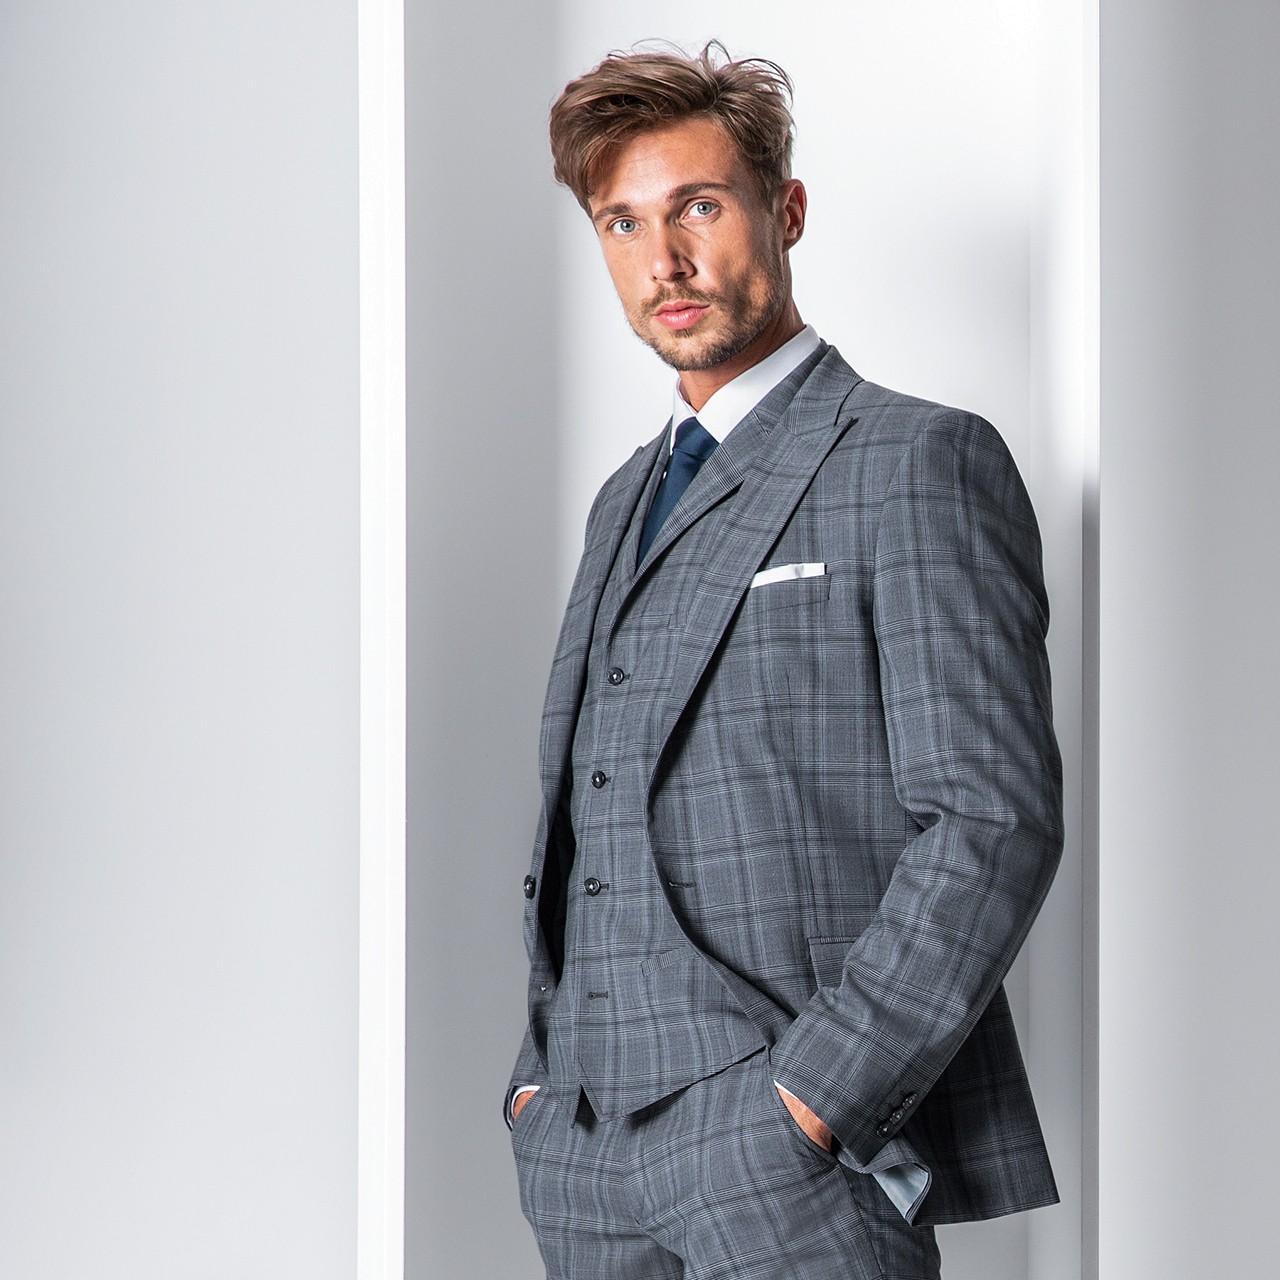 Premium Herren-Weste Greiff® | bedrucken, besticken, bedrucken lassen, besticken lassen, mit Logo |